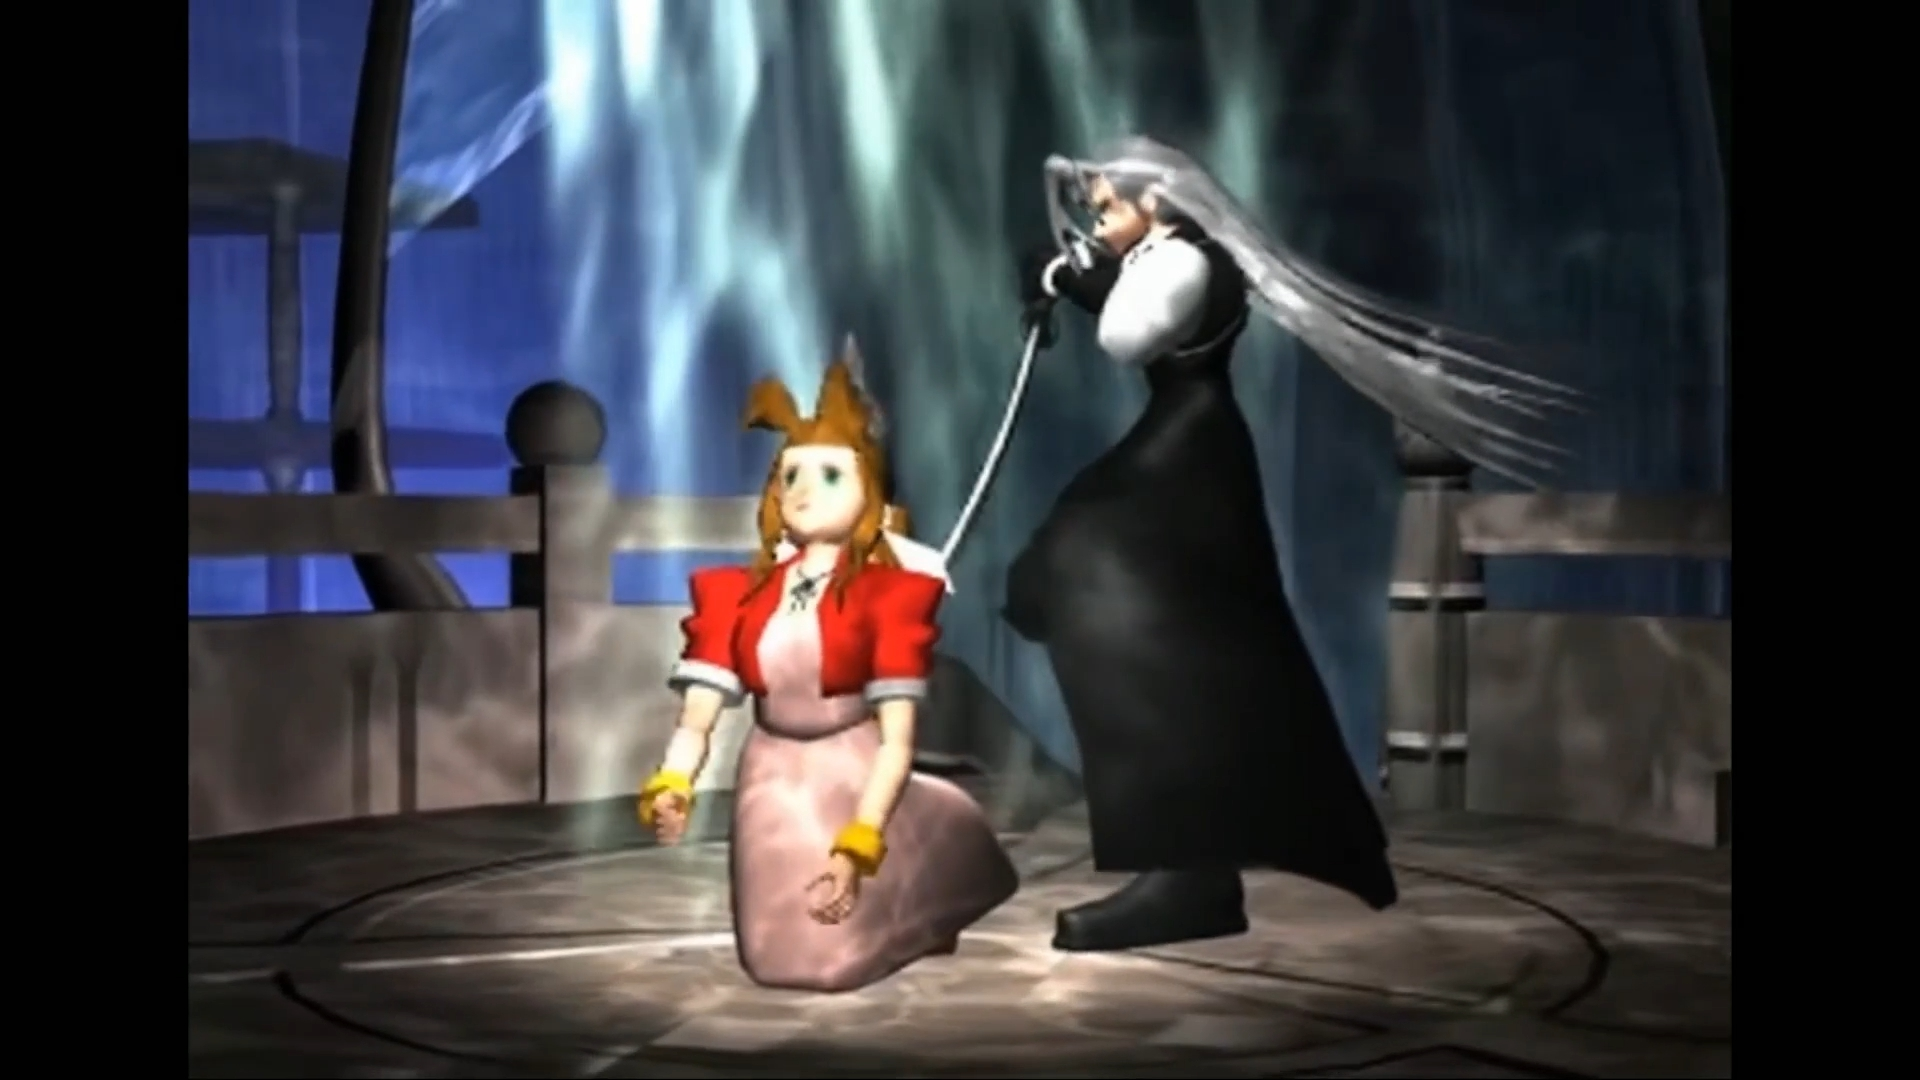 FF7 舞い降りたセフィロスに刀で差されるエアリス